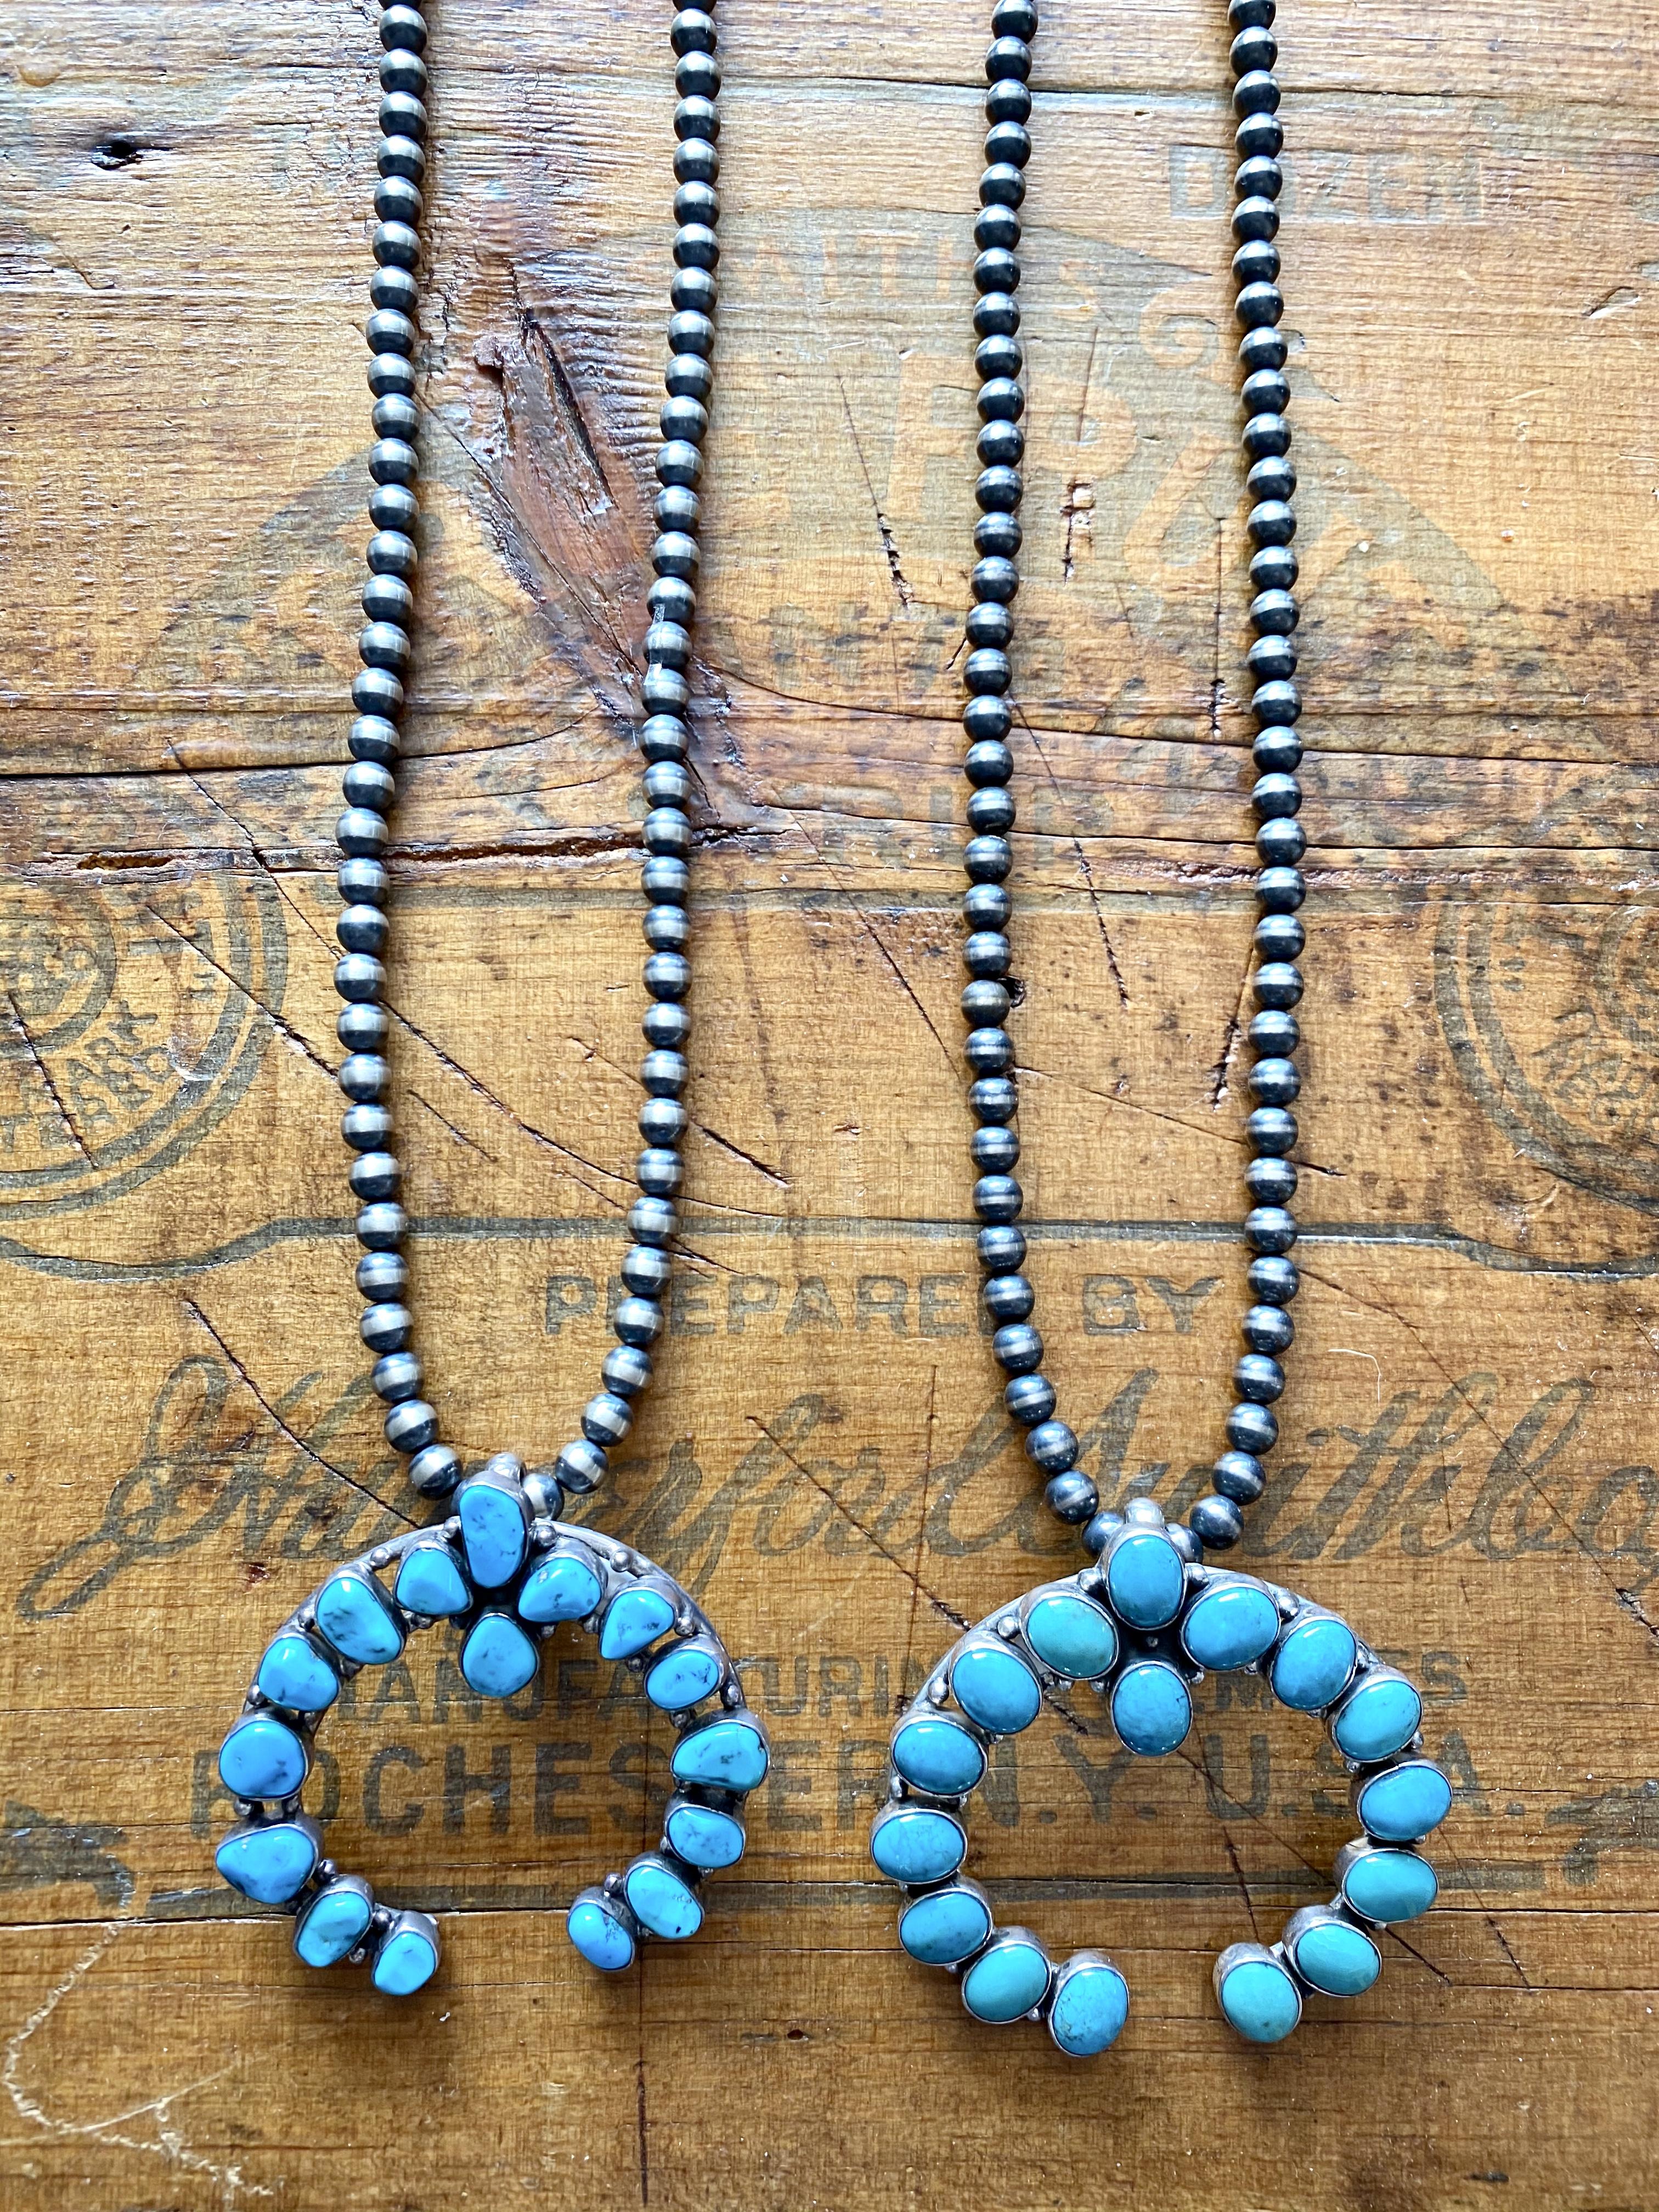 Turquoise Naja necklaces